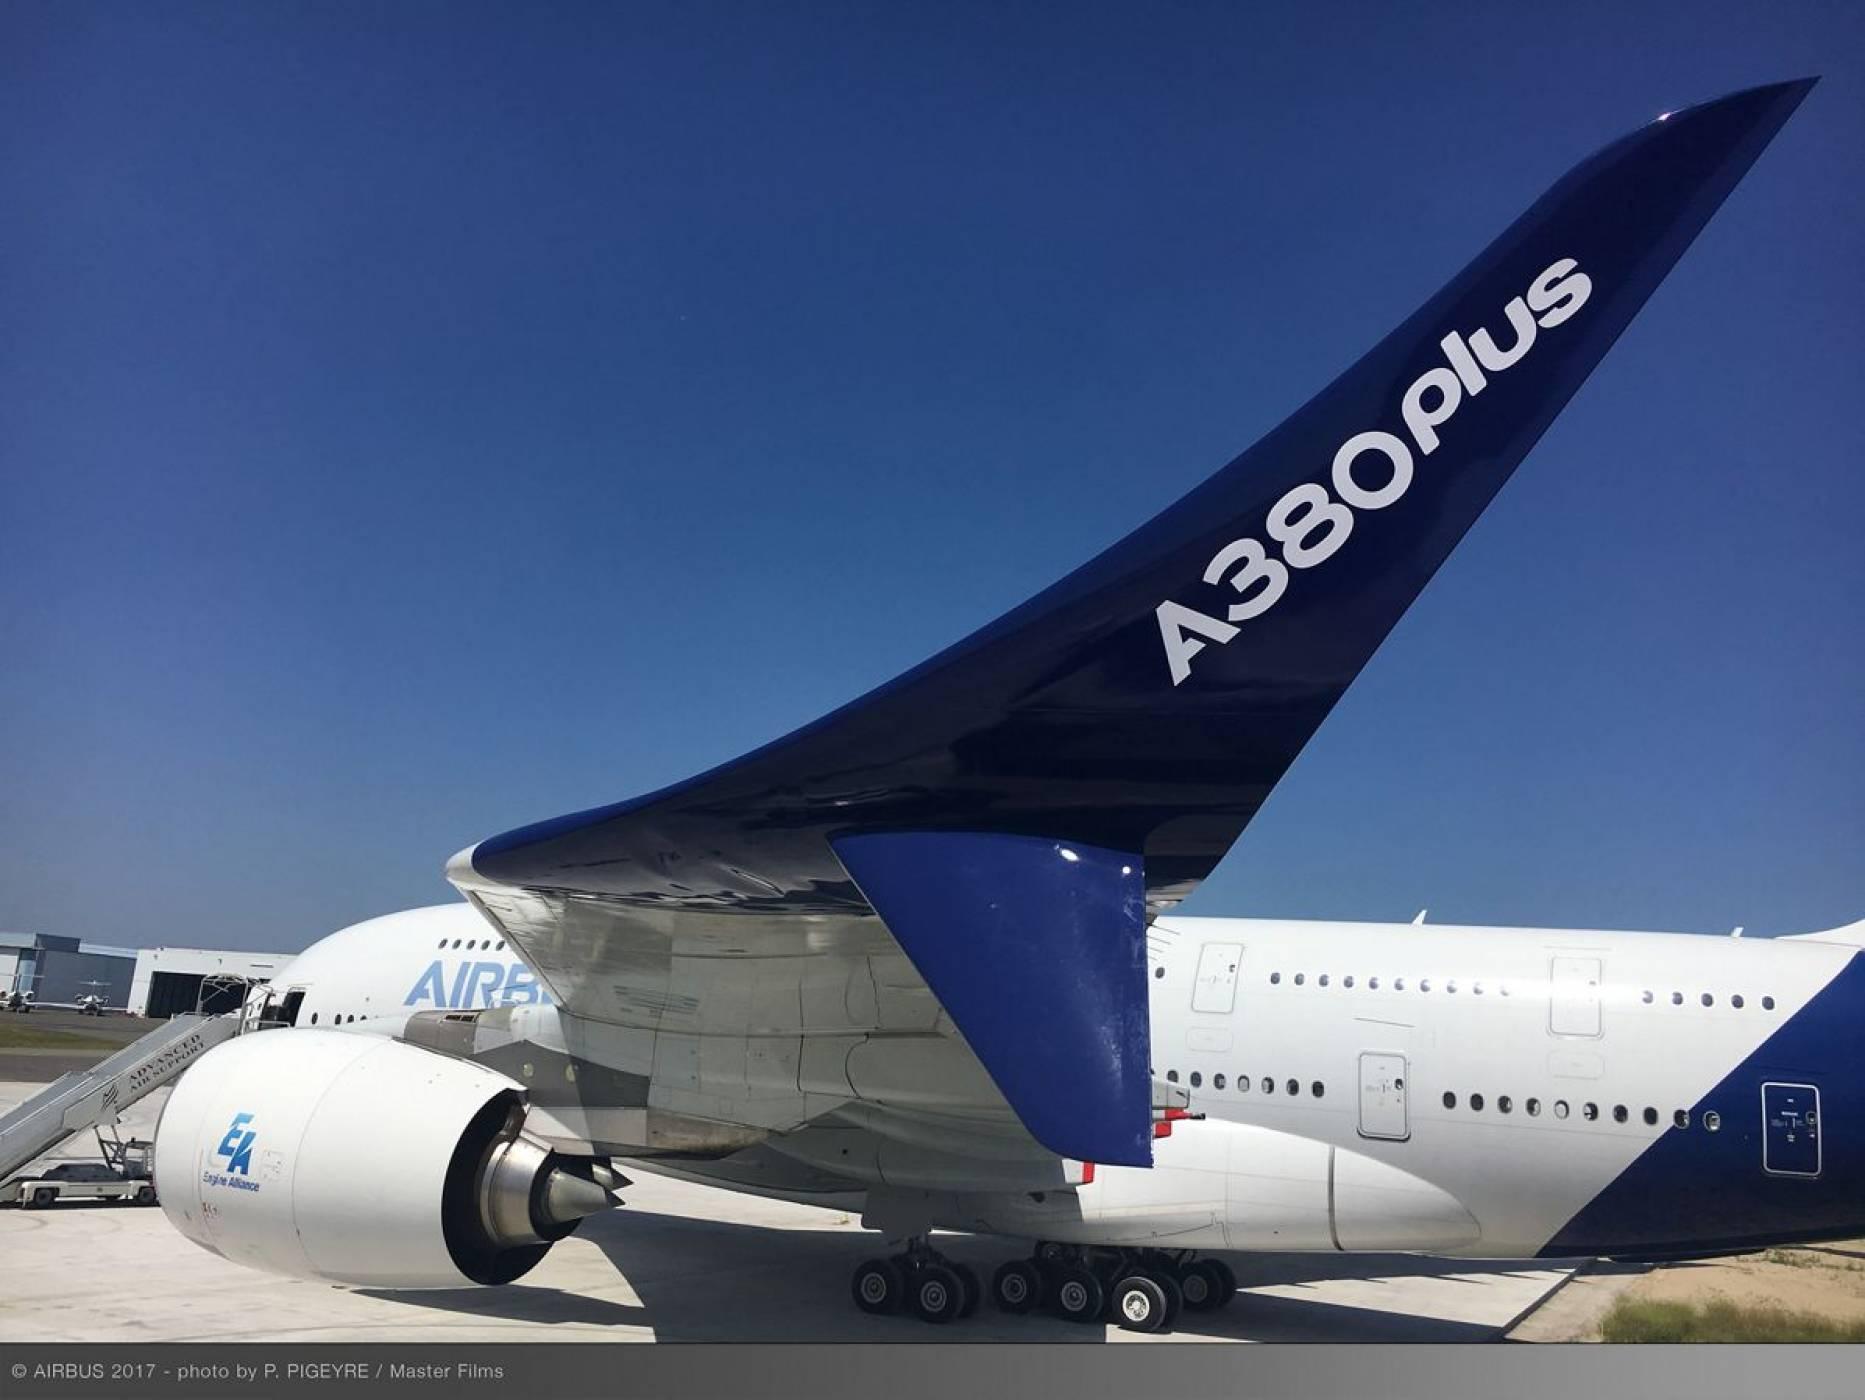 Най-големият пътнически самолет в света току-що стана още по-внушителен